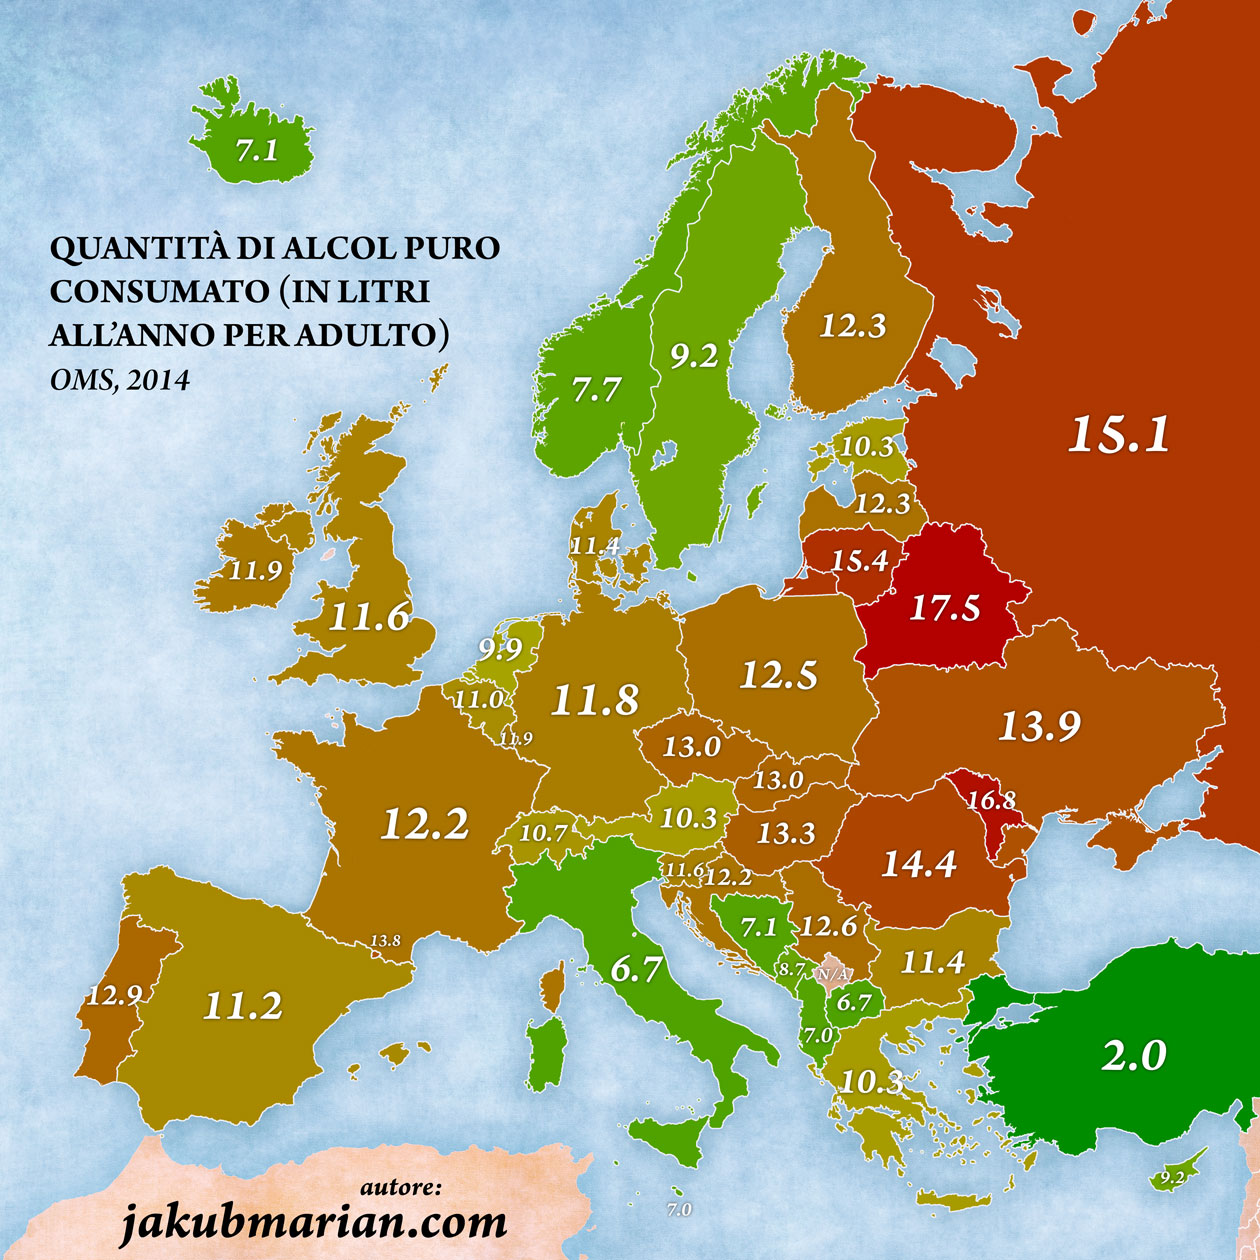 Quantità di alcol puro consumato (in litri all'anno per adulto)